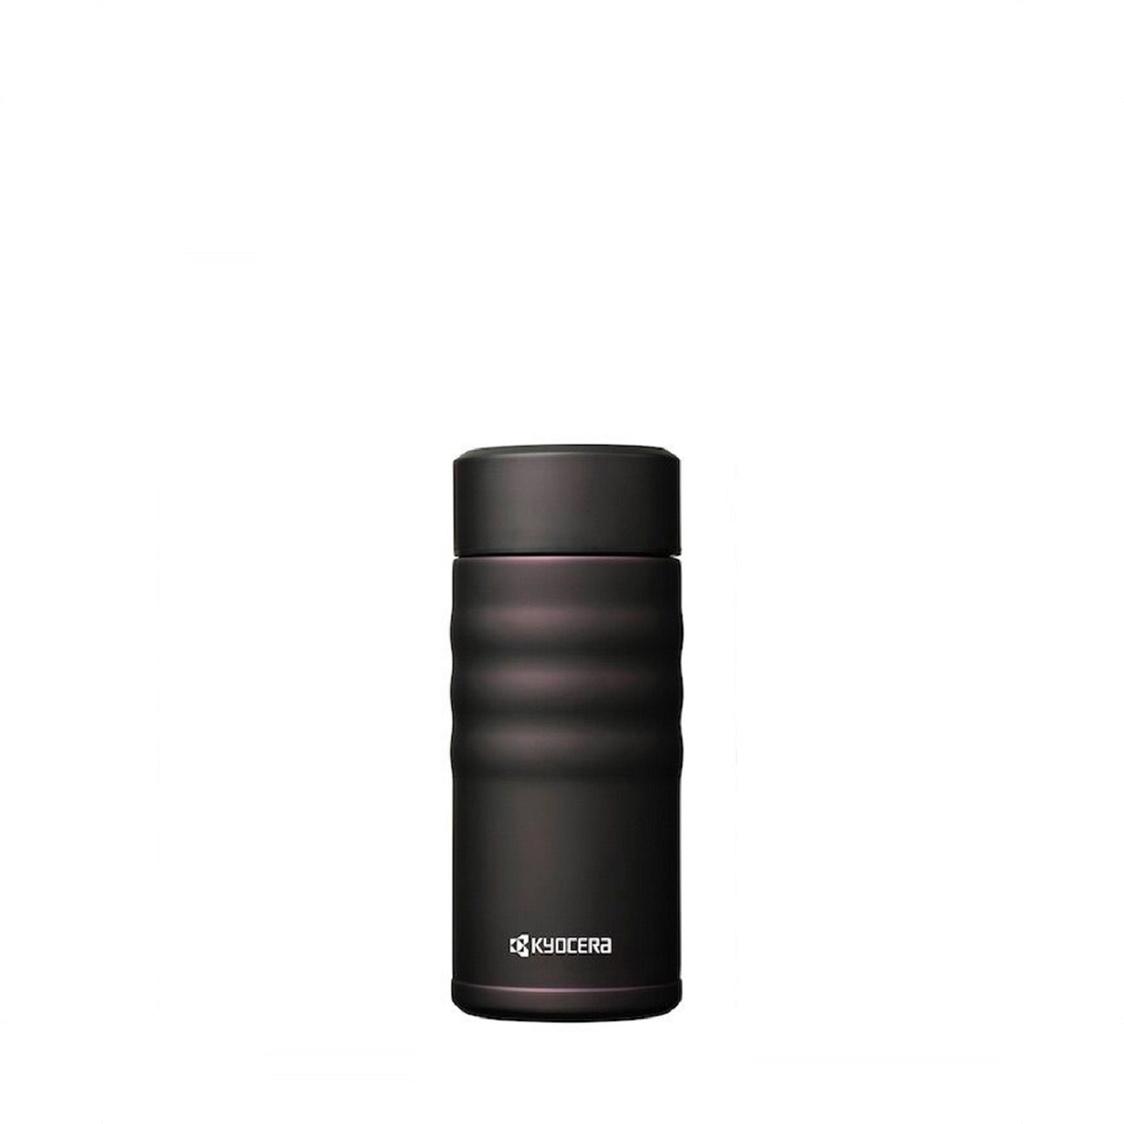 Kyocera 350ml Cerabrid Mug - Black